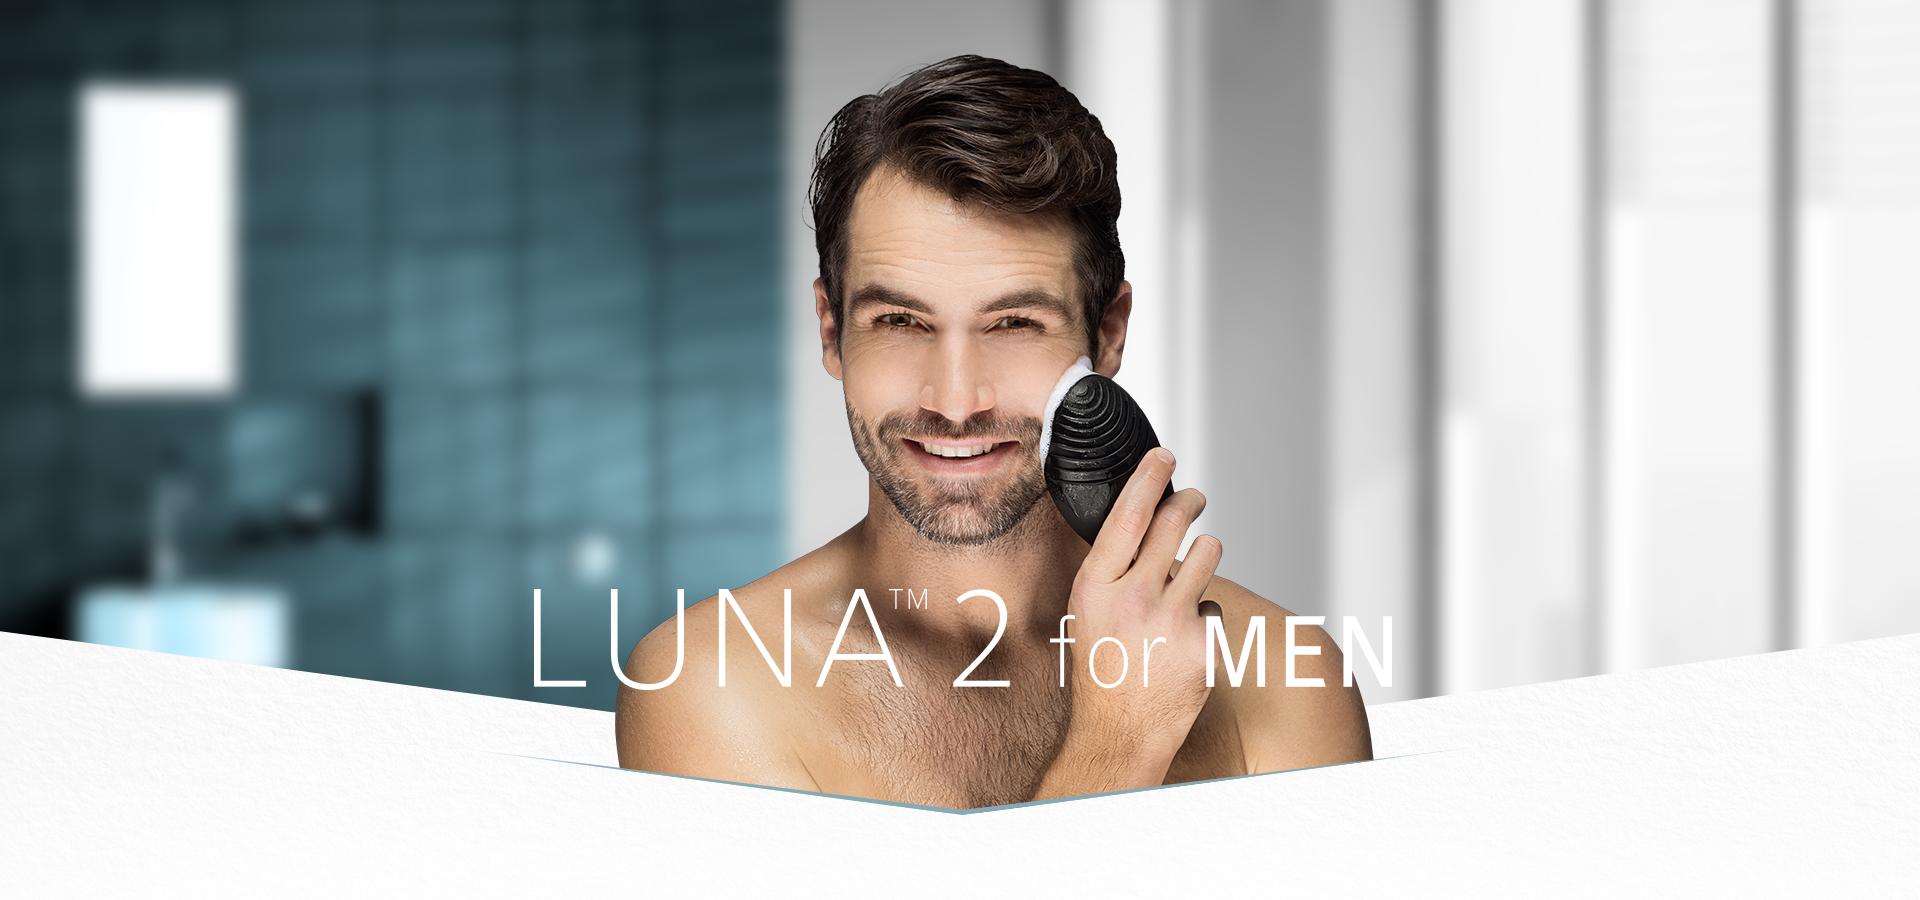 FOREO LUNA2 for MEN